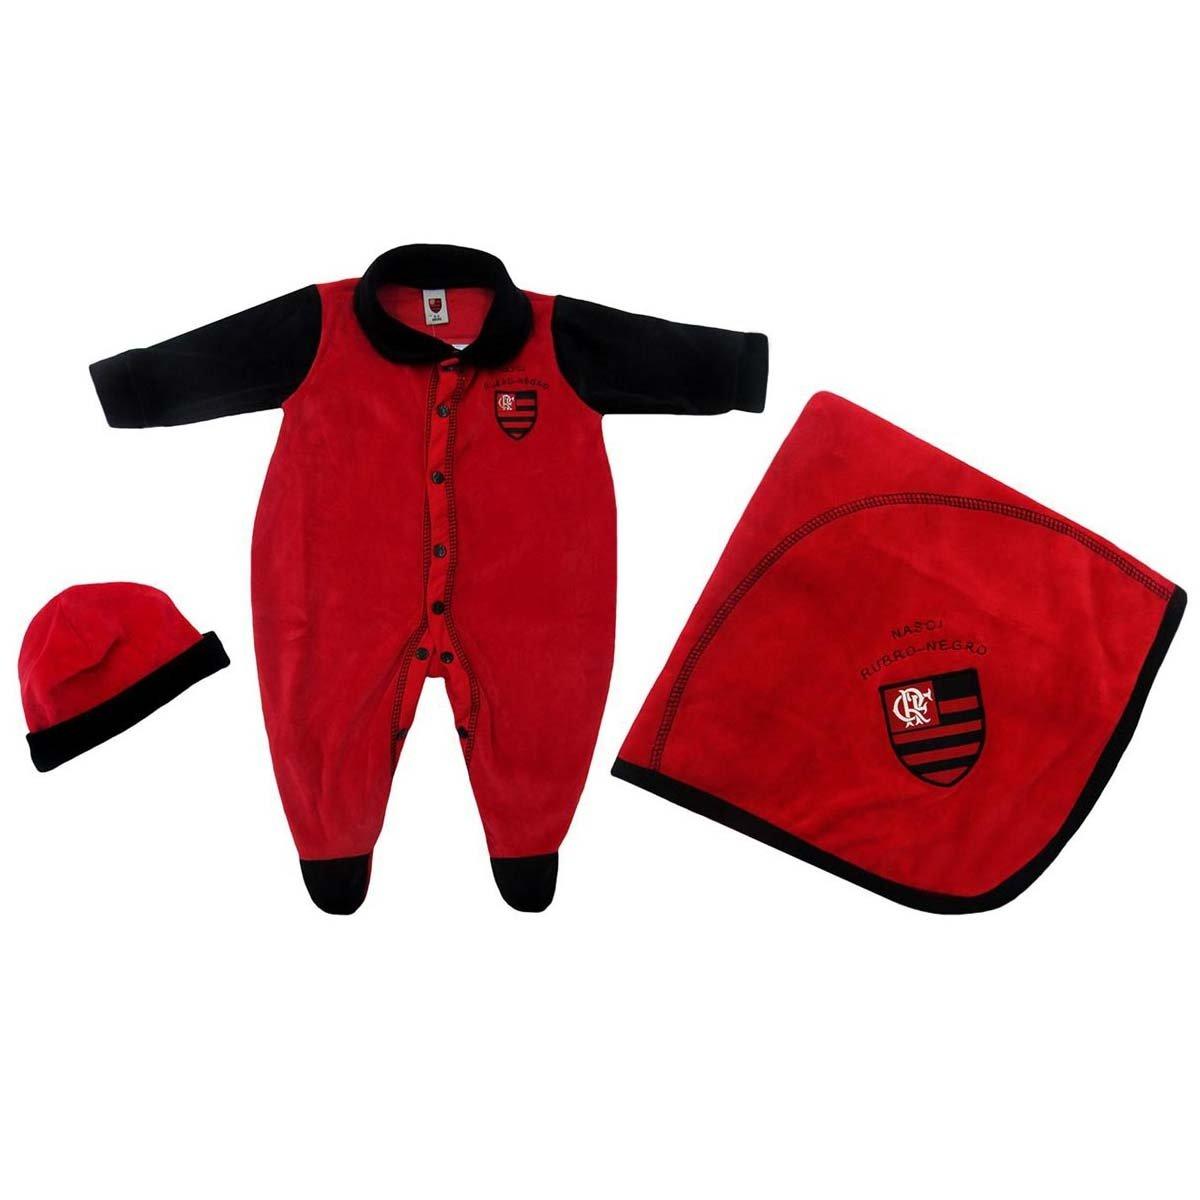 a54e685fdf Kit Flamengo Bebê Manta Plush Unissex - Compre Agora